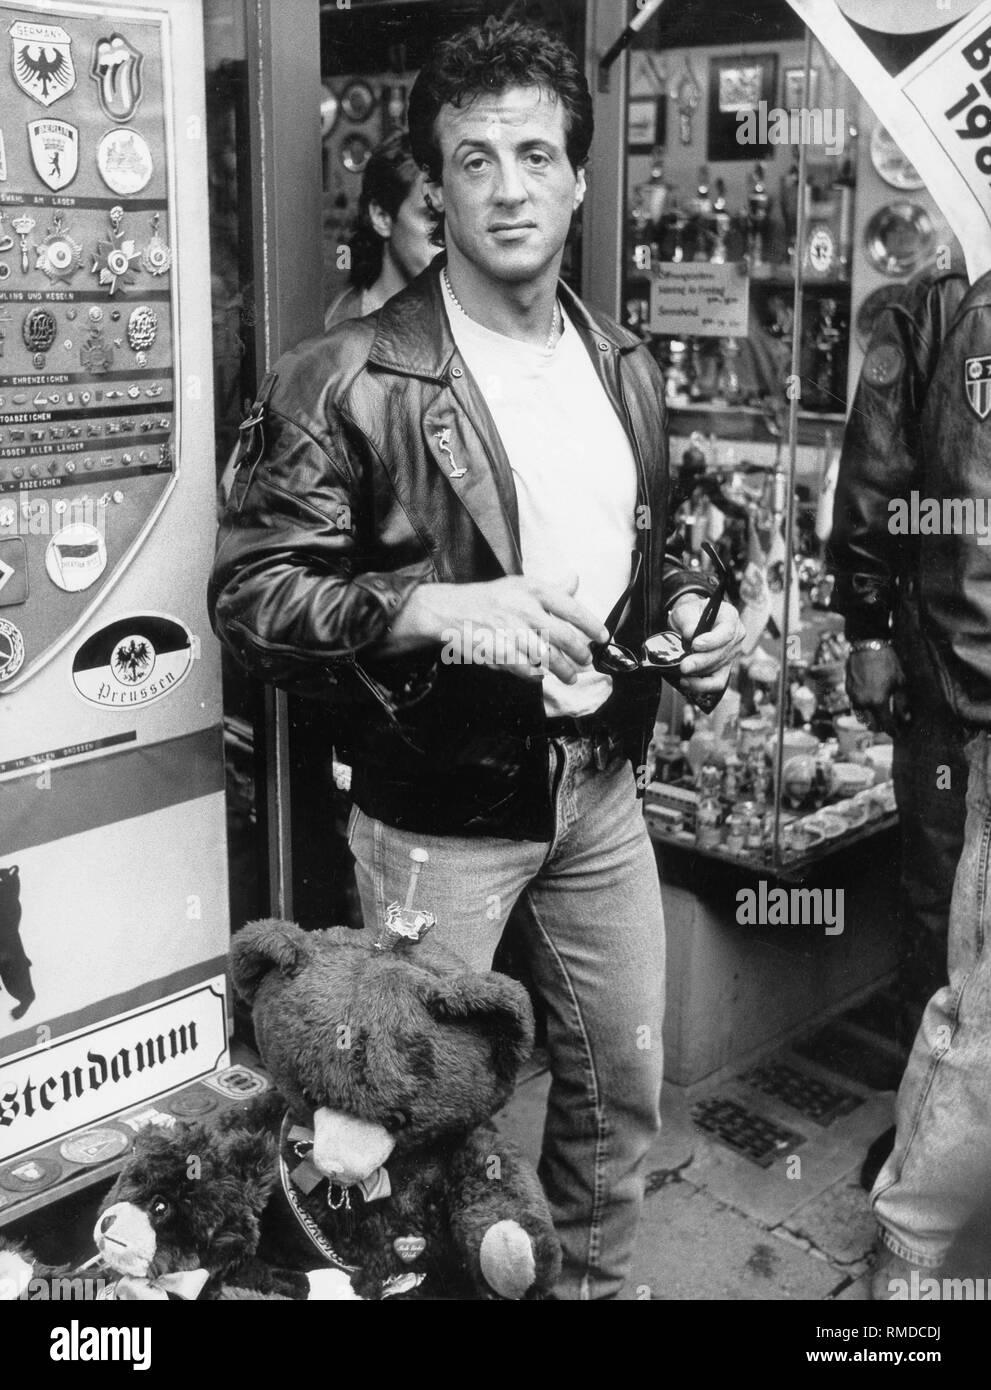 Sylvester Stallone 14/x 11/Photo Promotionnels en cuir Veste et chapeau comme Rocky Balboa